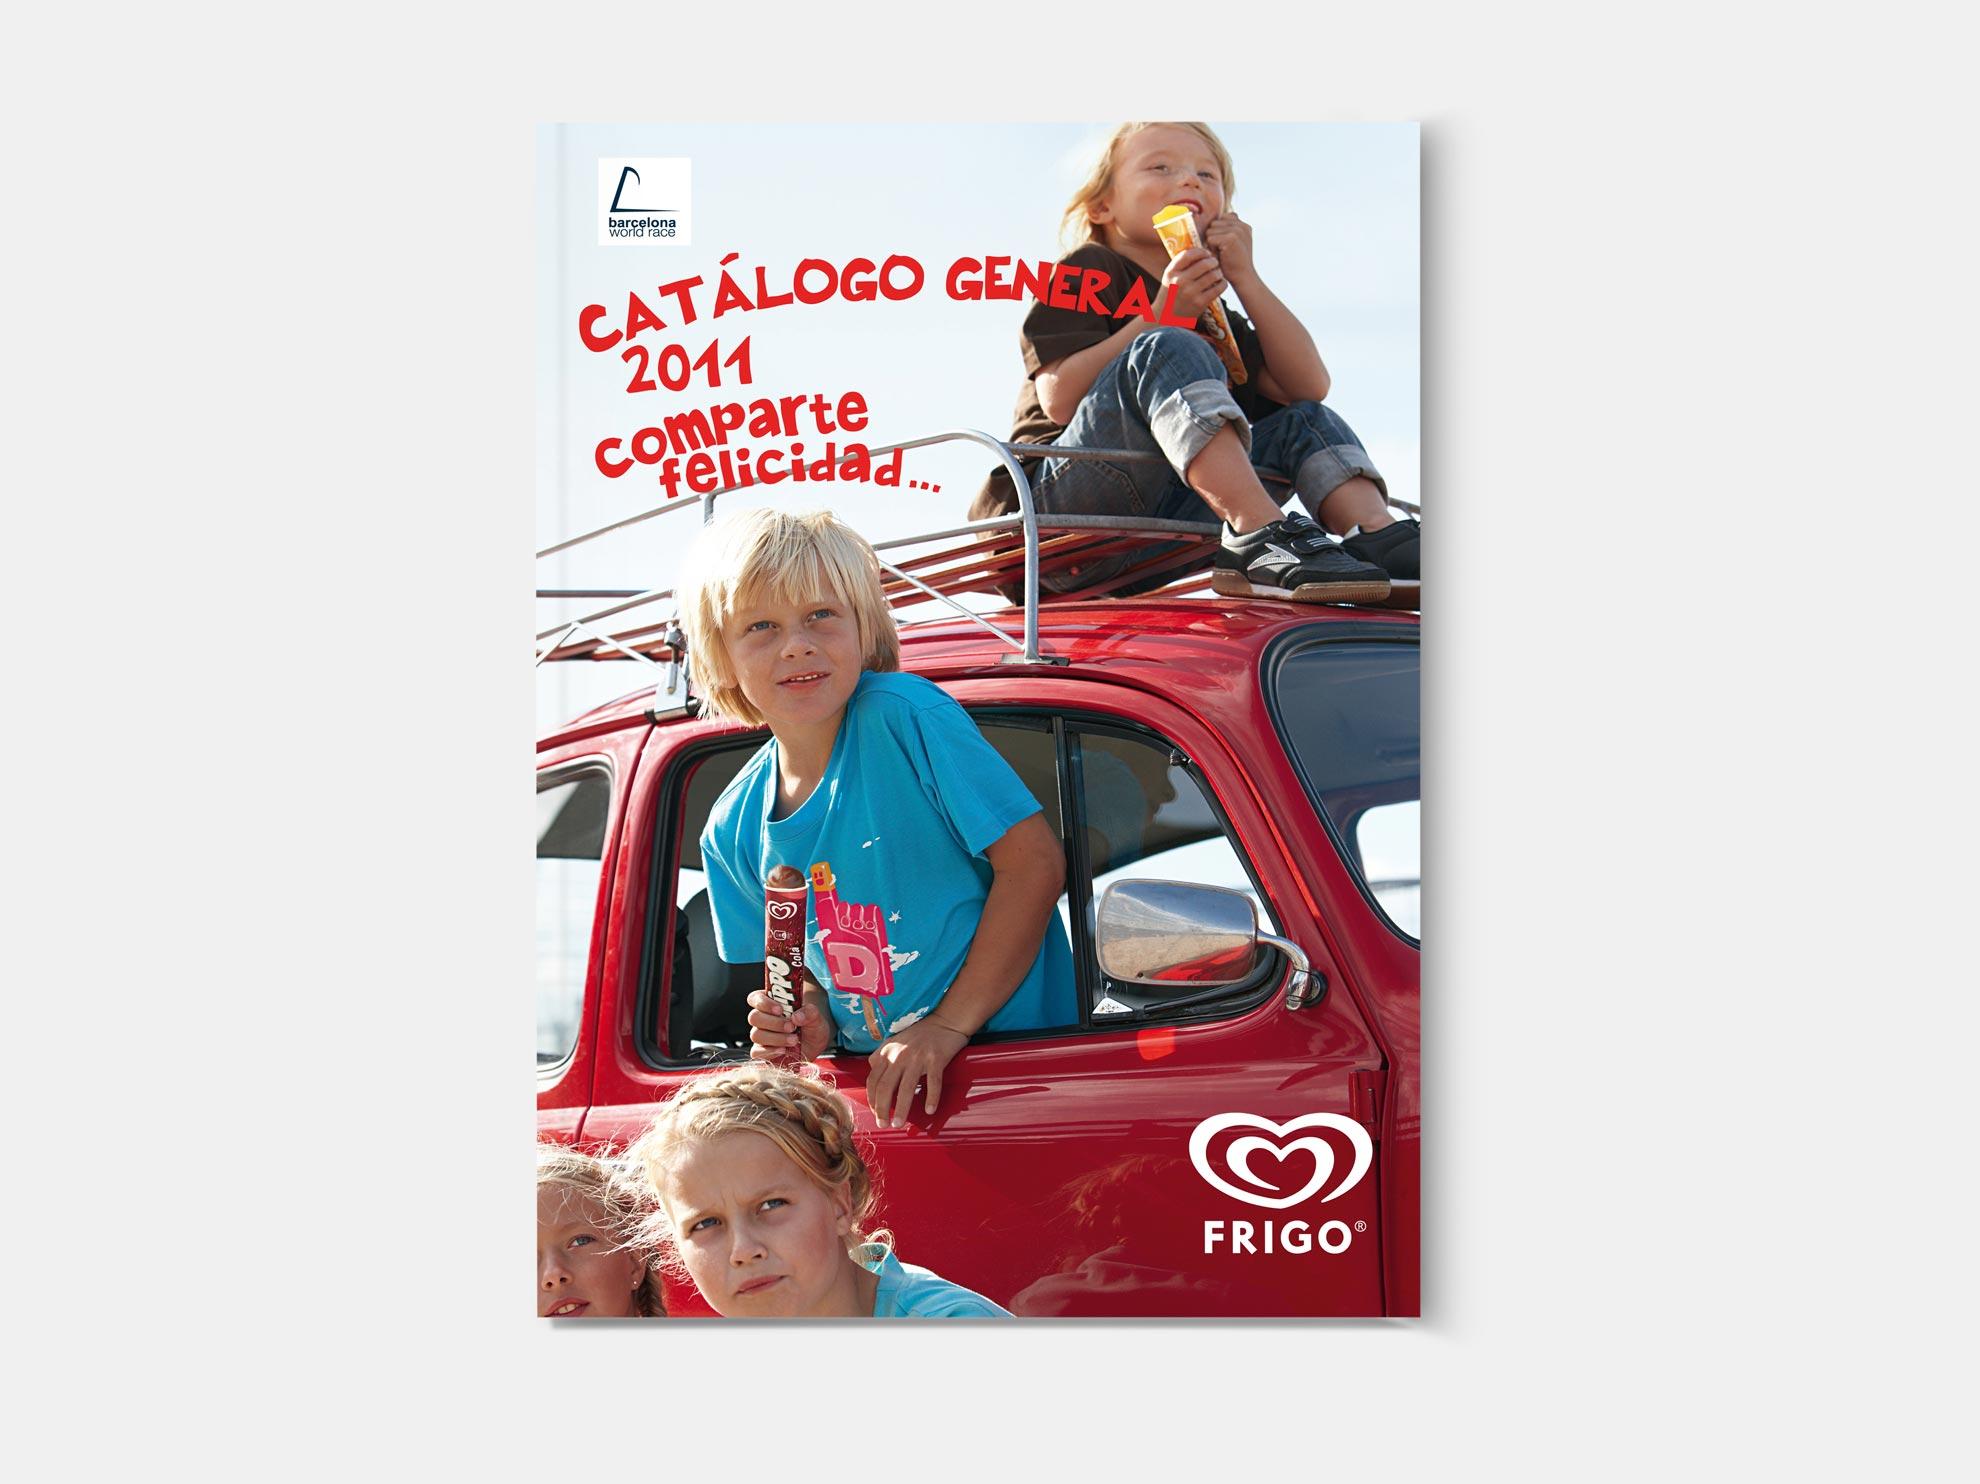 Catalogo-2011